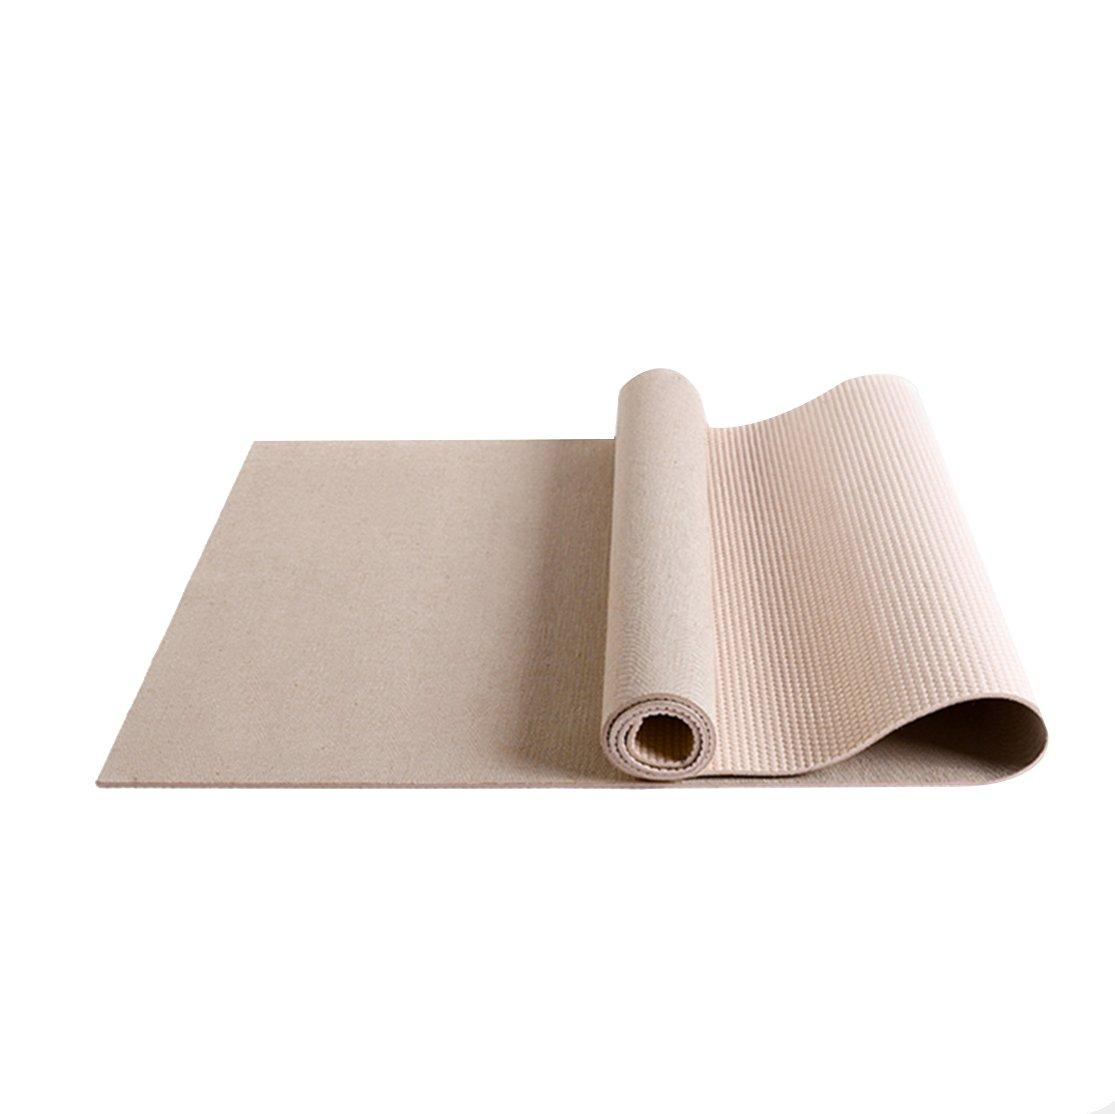 LXFMD Leinen Yogamatte Rutschfeste Rebound Herren und Damen Fitnessmatte (Farbe   Khaki)